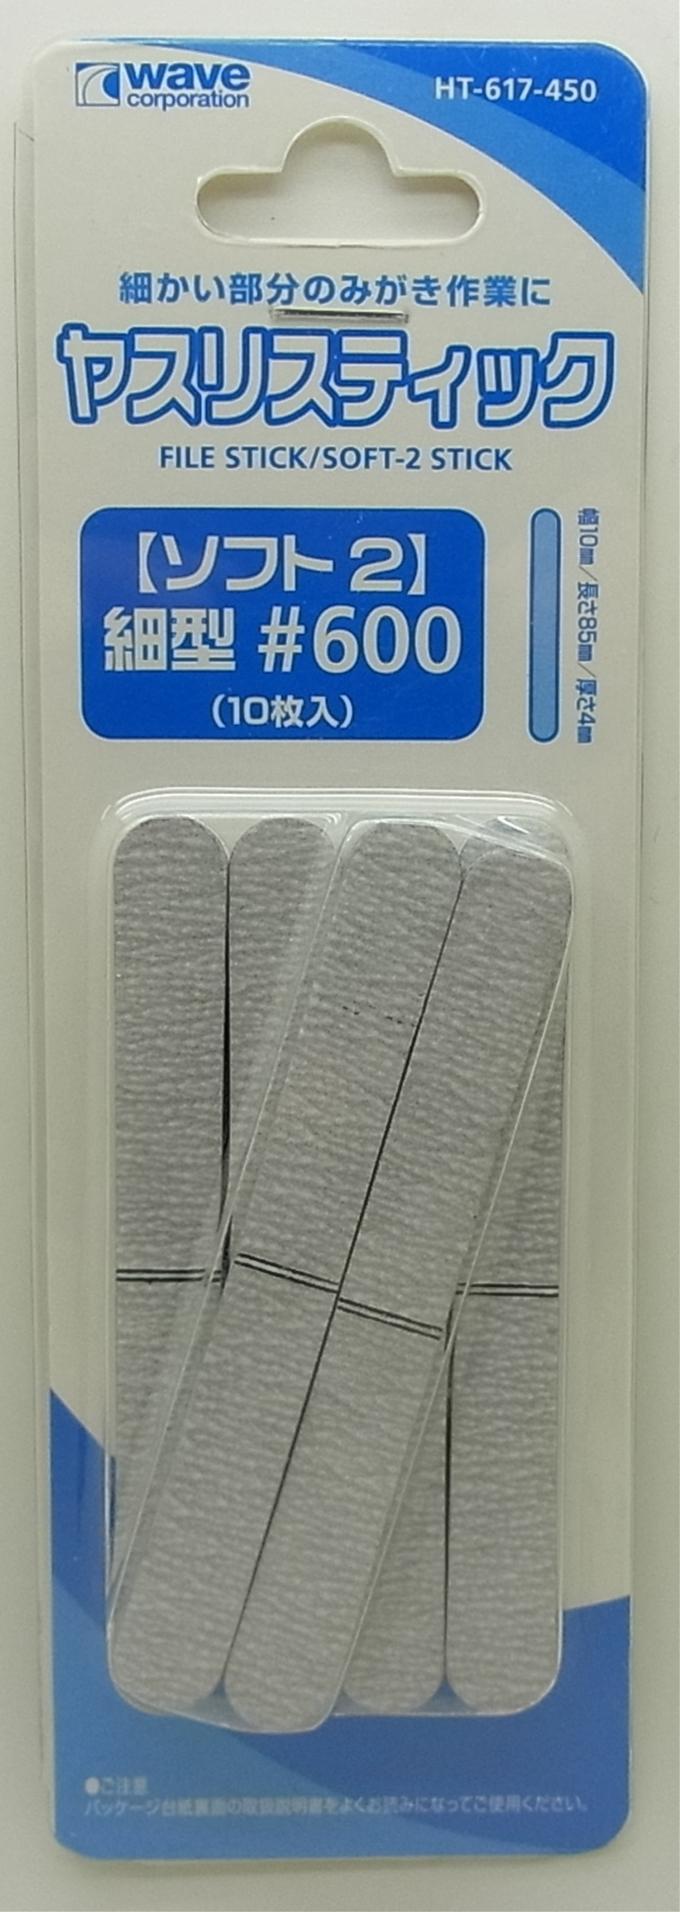 HT-617 ヤスリスティック#600 SOFT2 細型 10枚入り 85mm × 10mm ×4mm